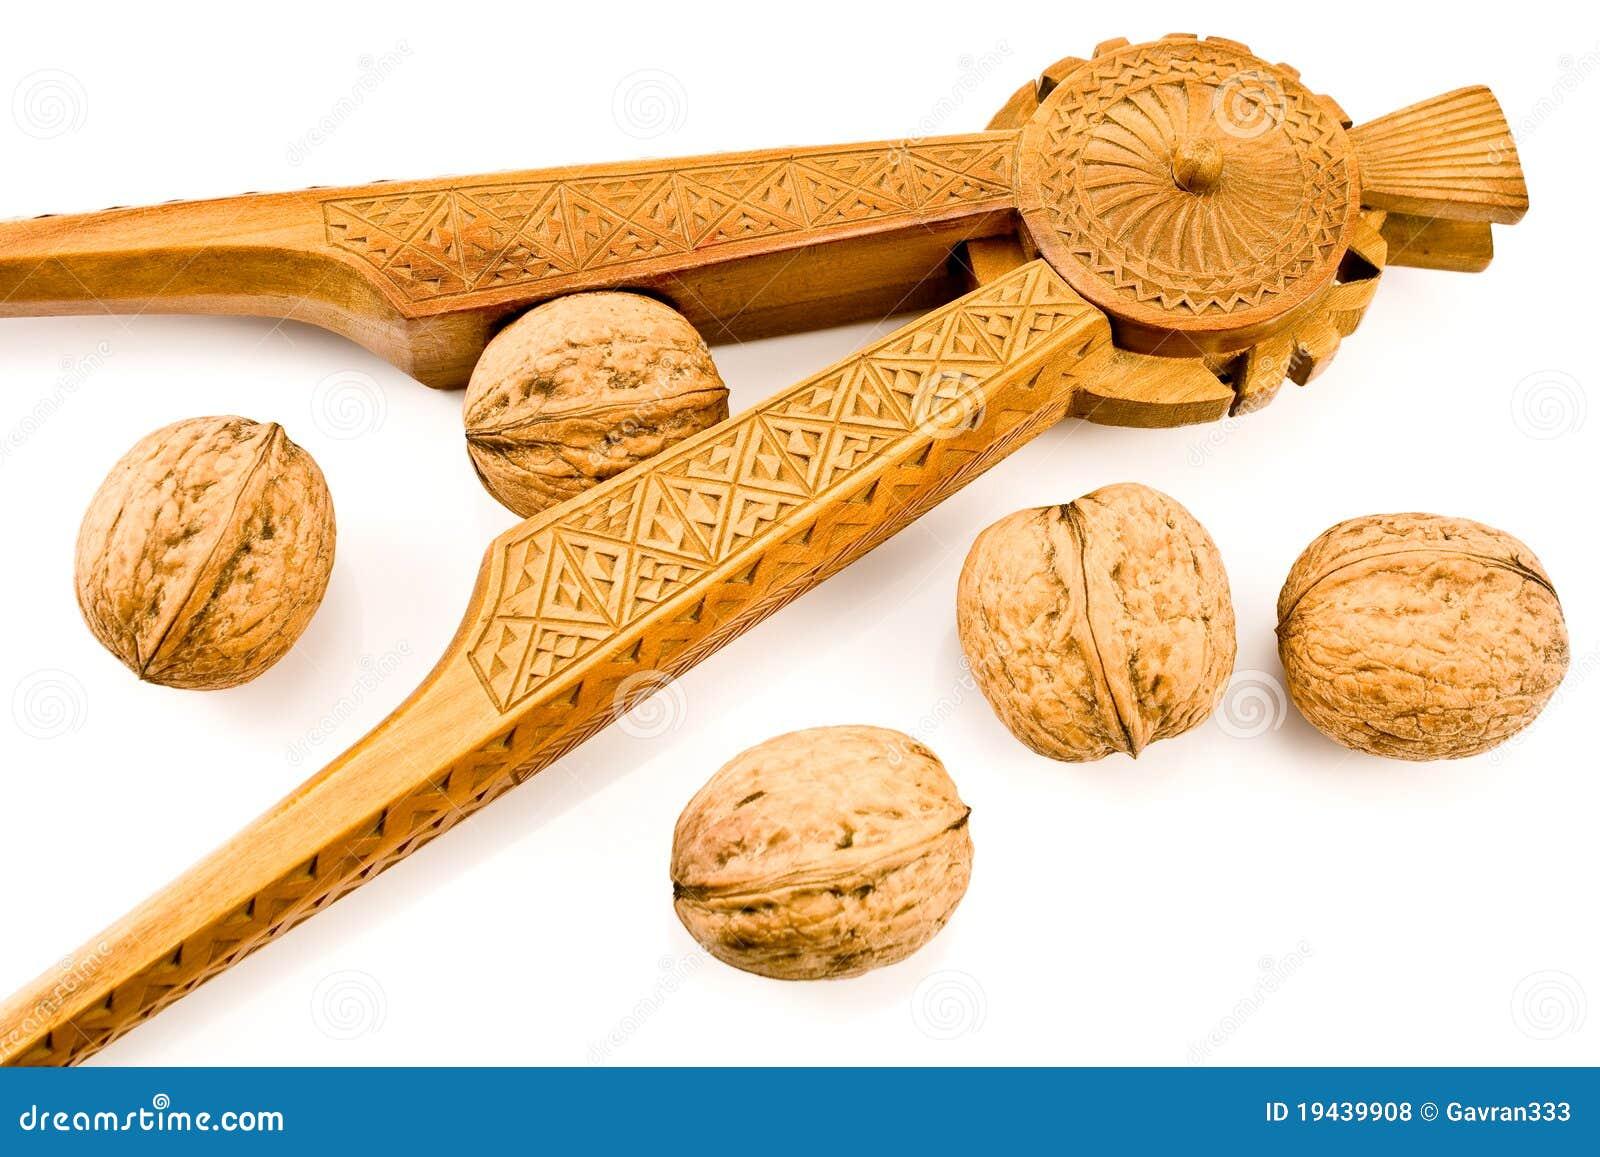 Cascanueces de madera tallado antig edad con las nueces - Cascanueces de madera ...